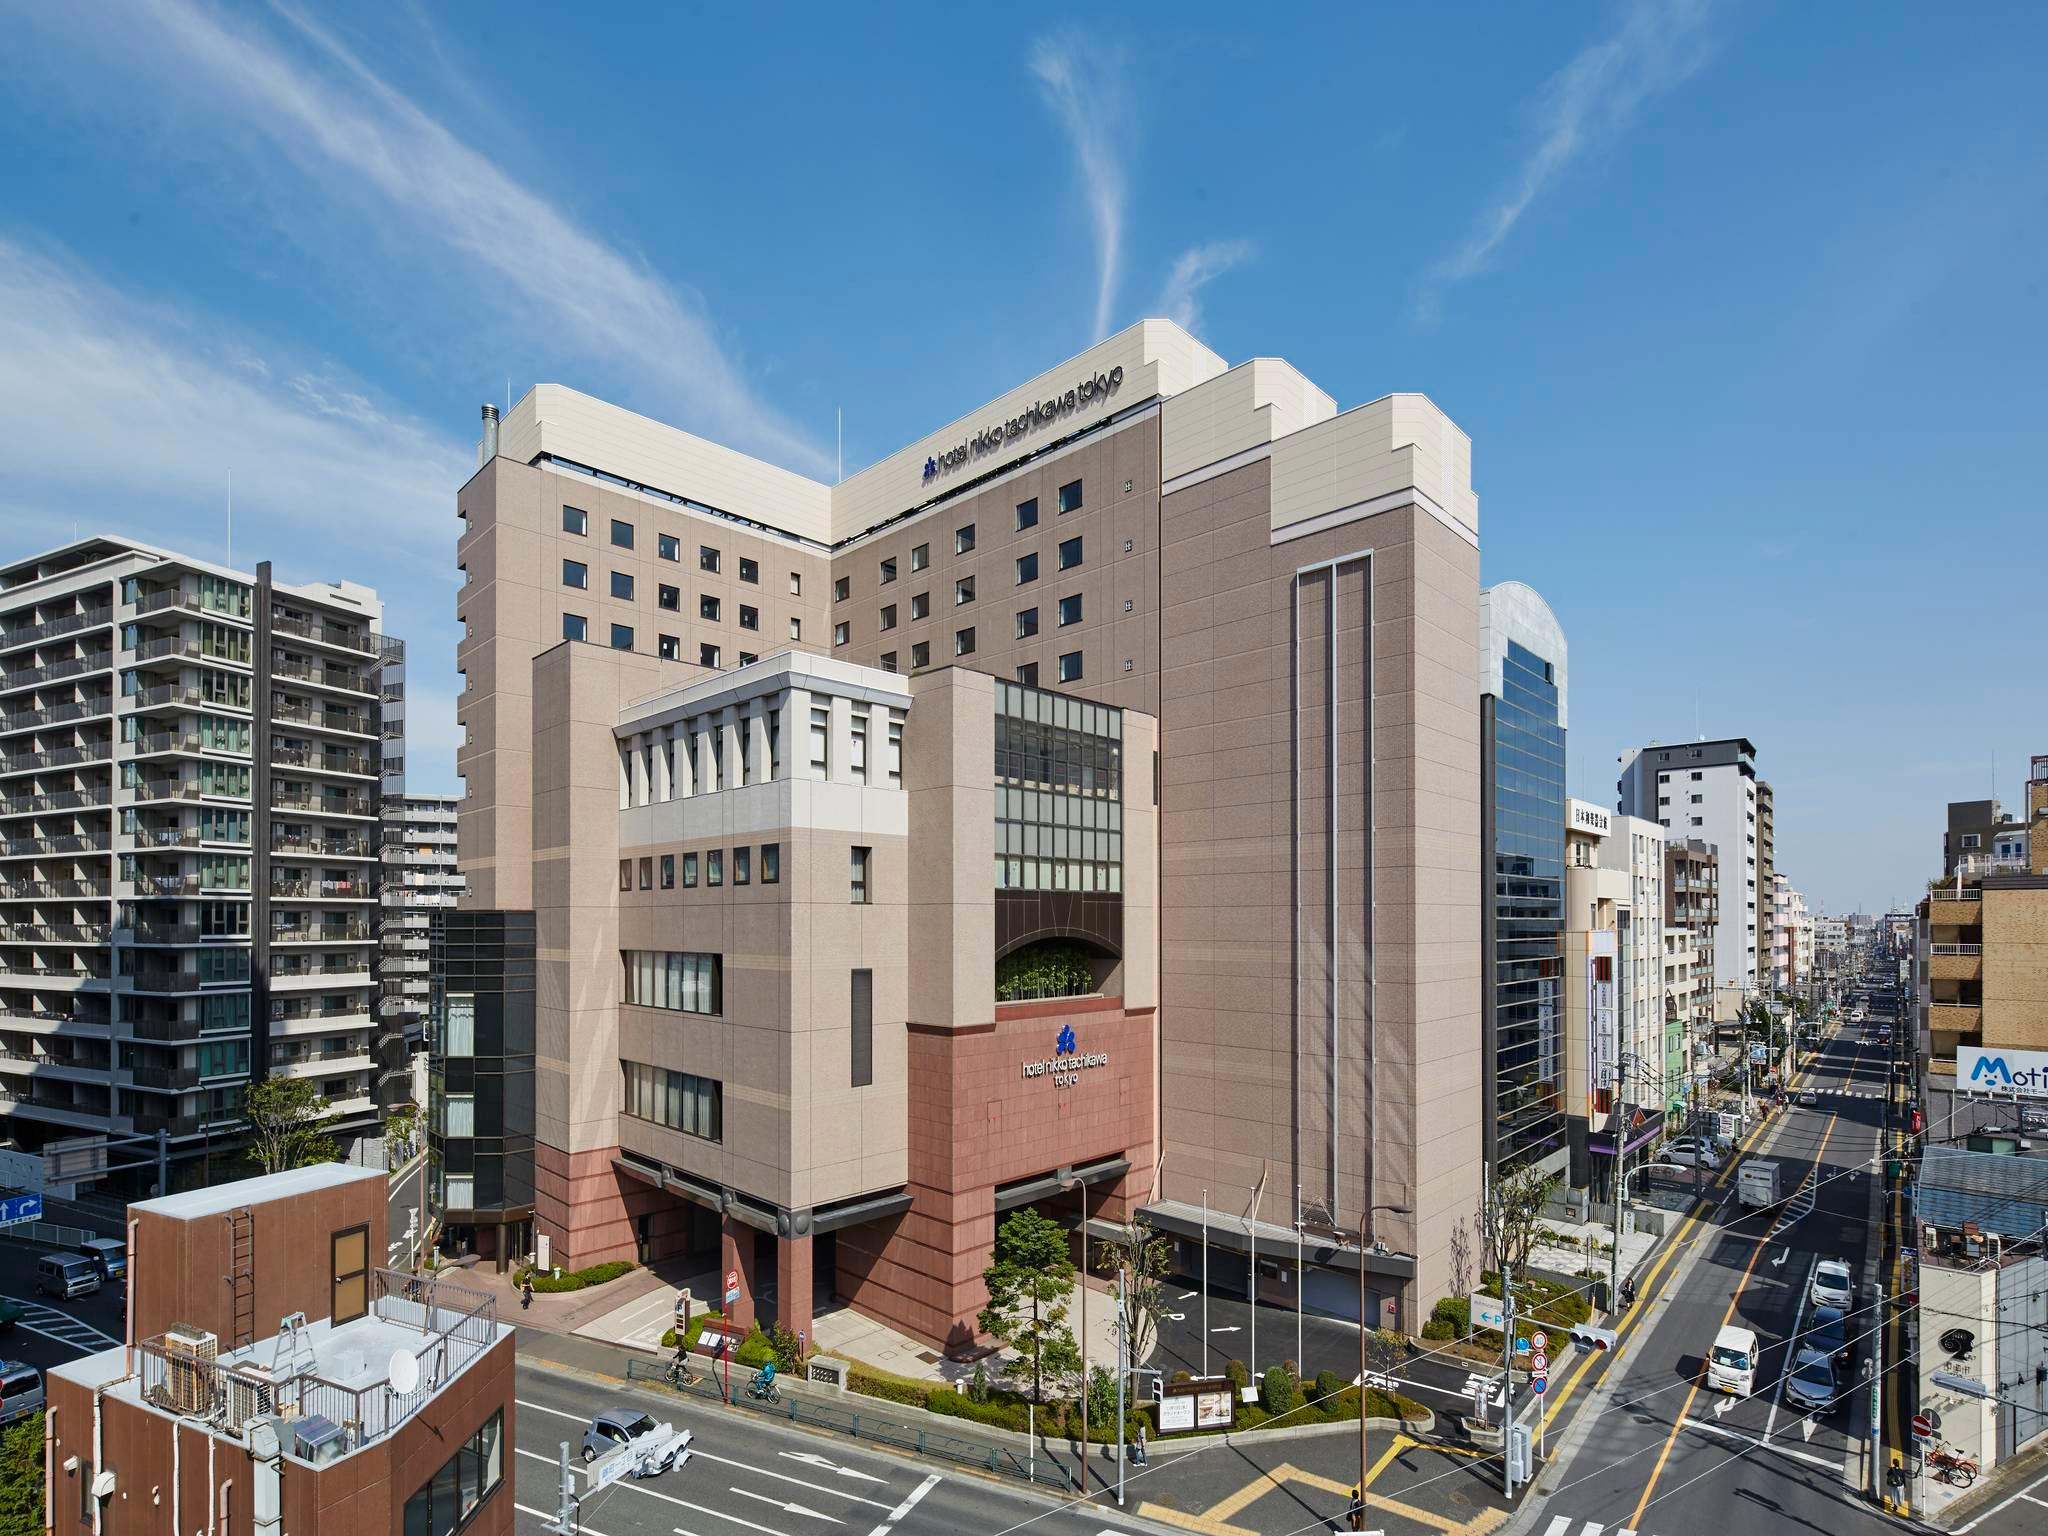 預訂飯定非住不可東京立川日航飯店(Hotel Nikko Tachikawa ...